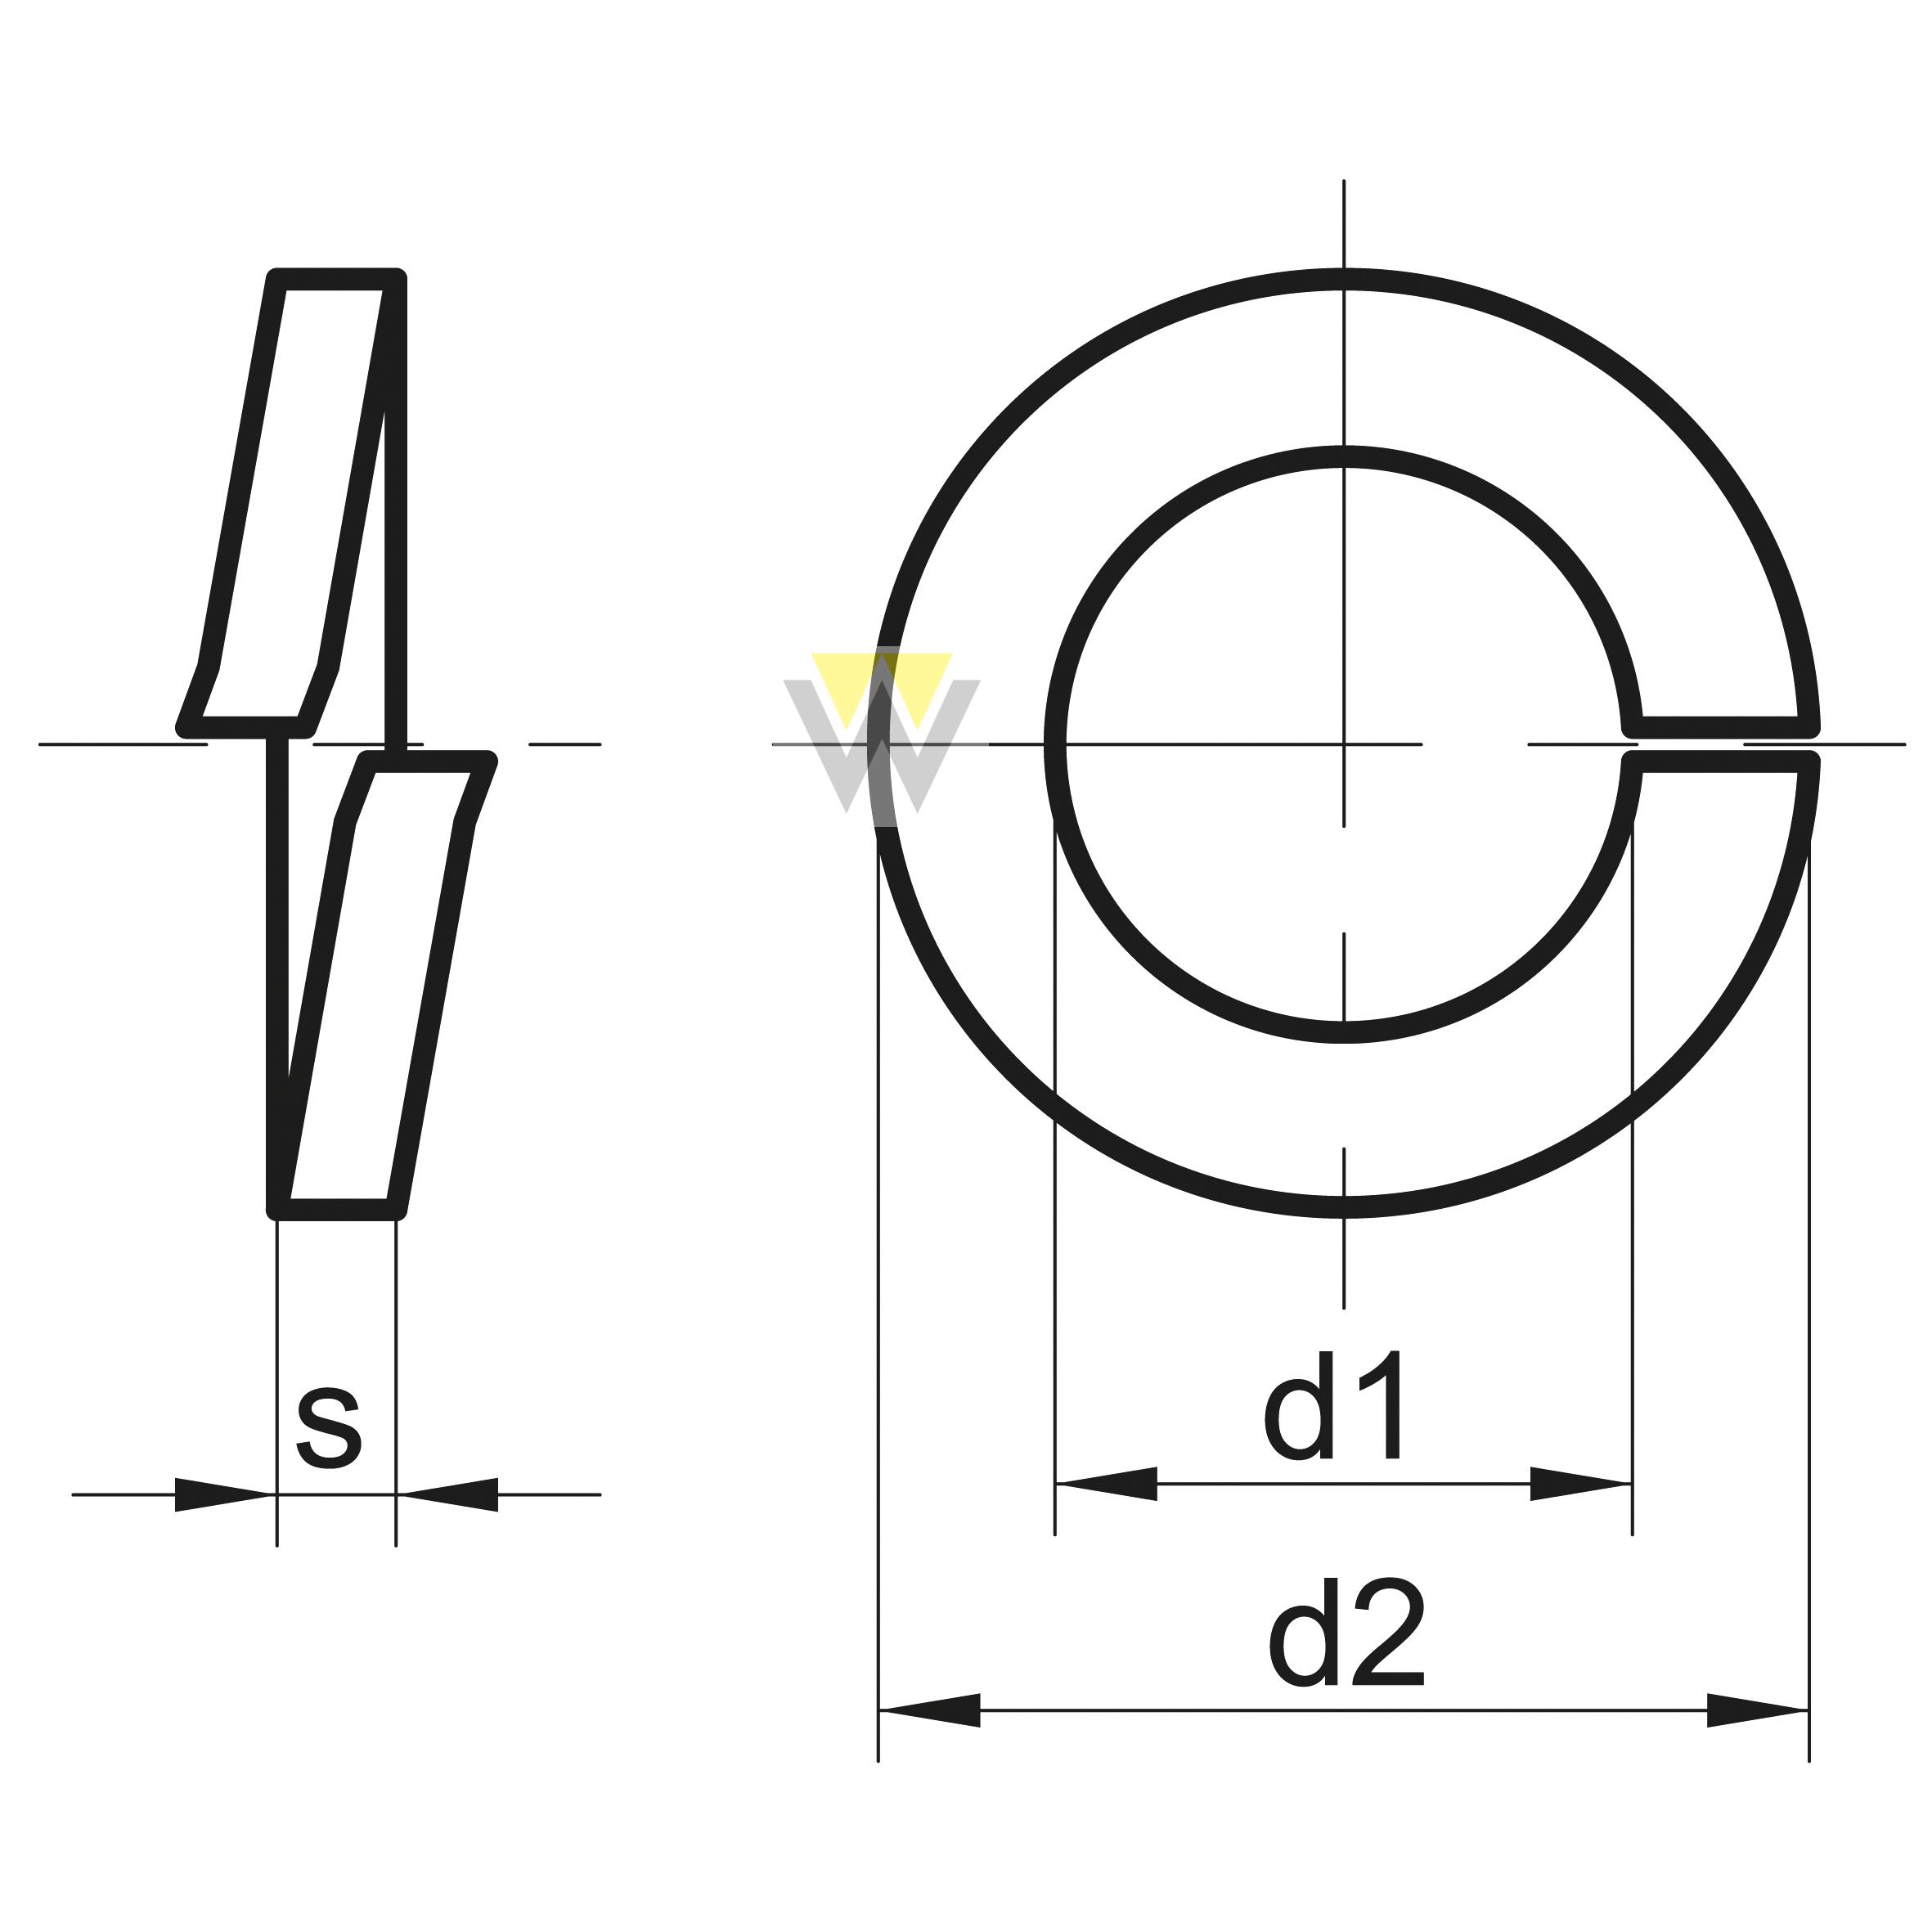 WERCHEM_DIN_127A_drawing